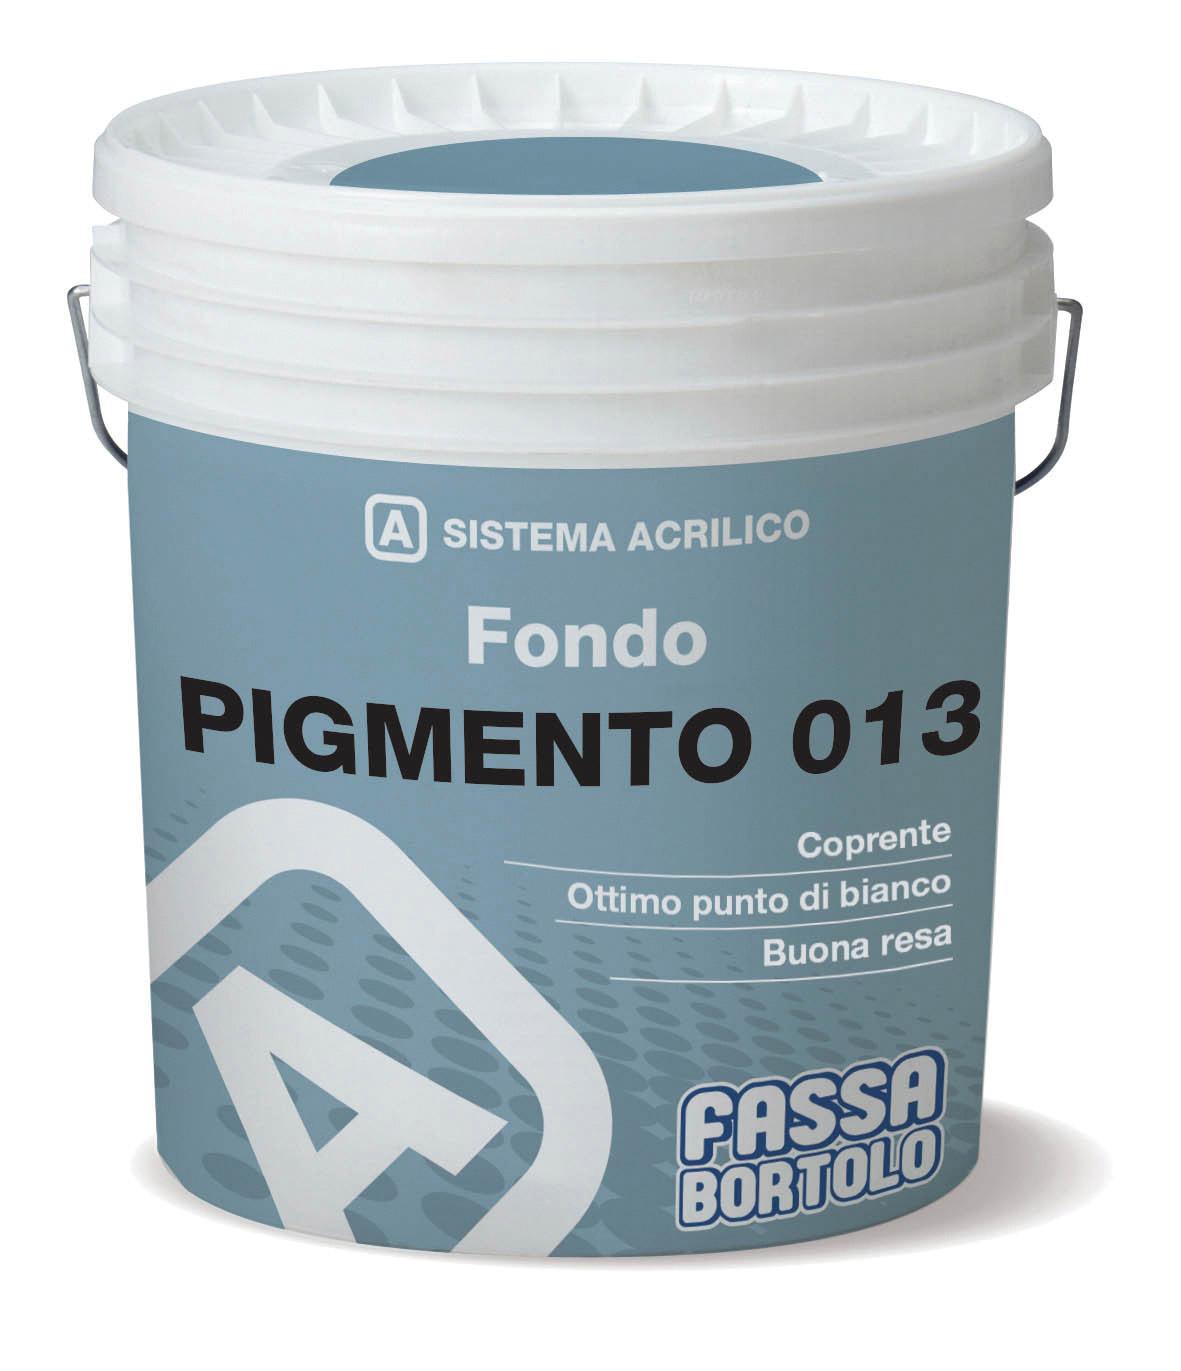 PIGMENTO 013: Primário pigmentado para interior